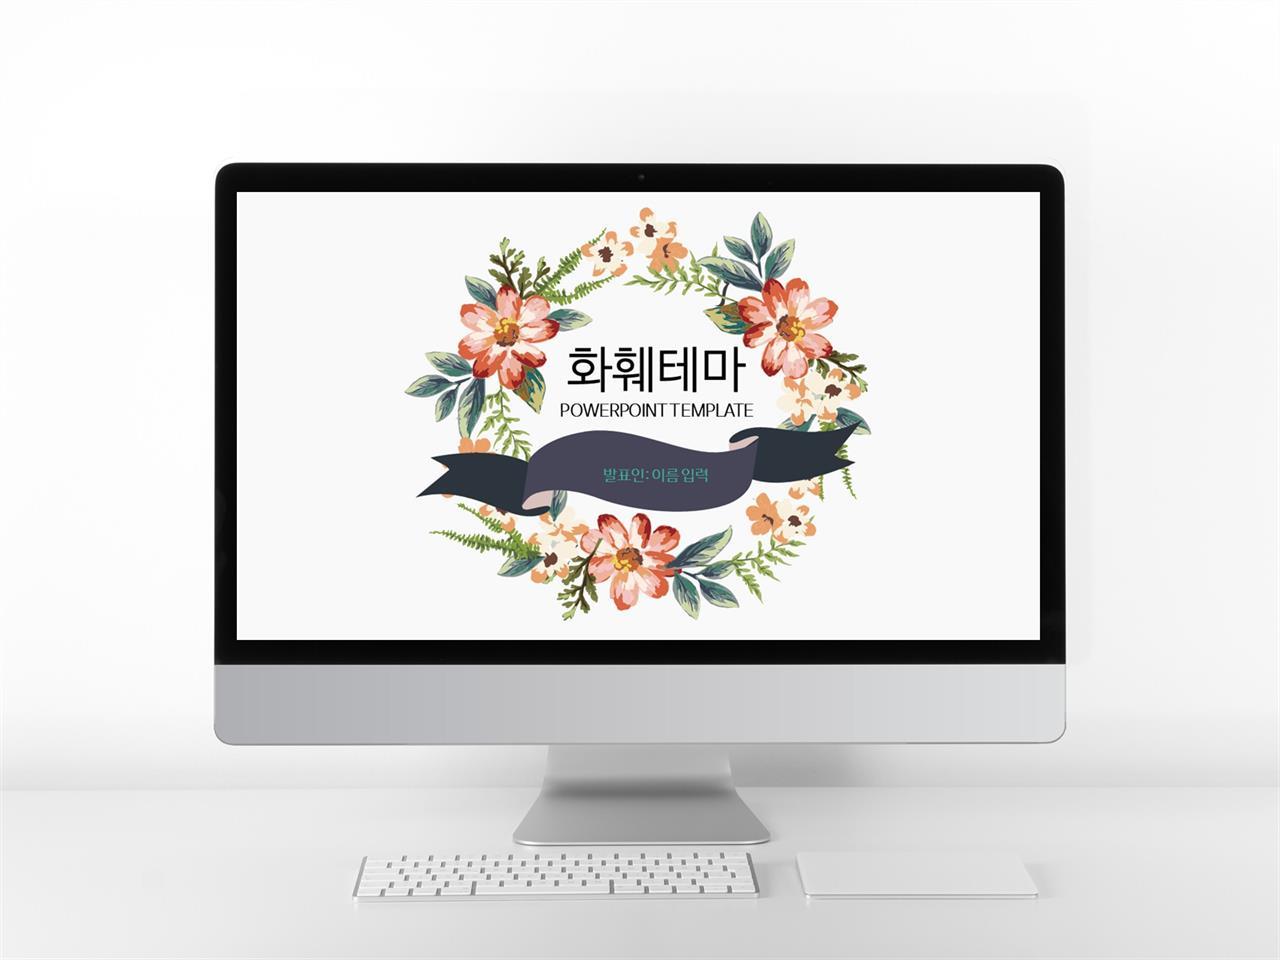 동식물, 애완동물 등색 자재화 발표용 PPT탬플릿 다운 미리보기